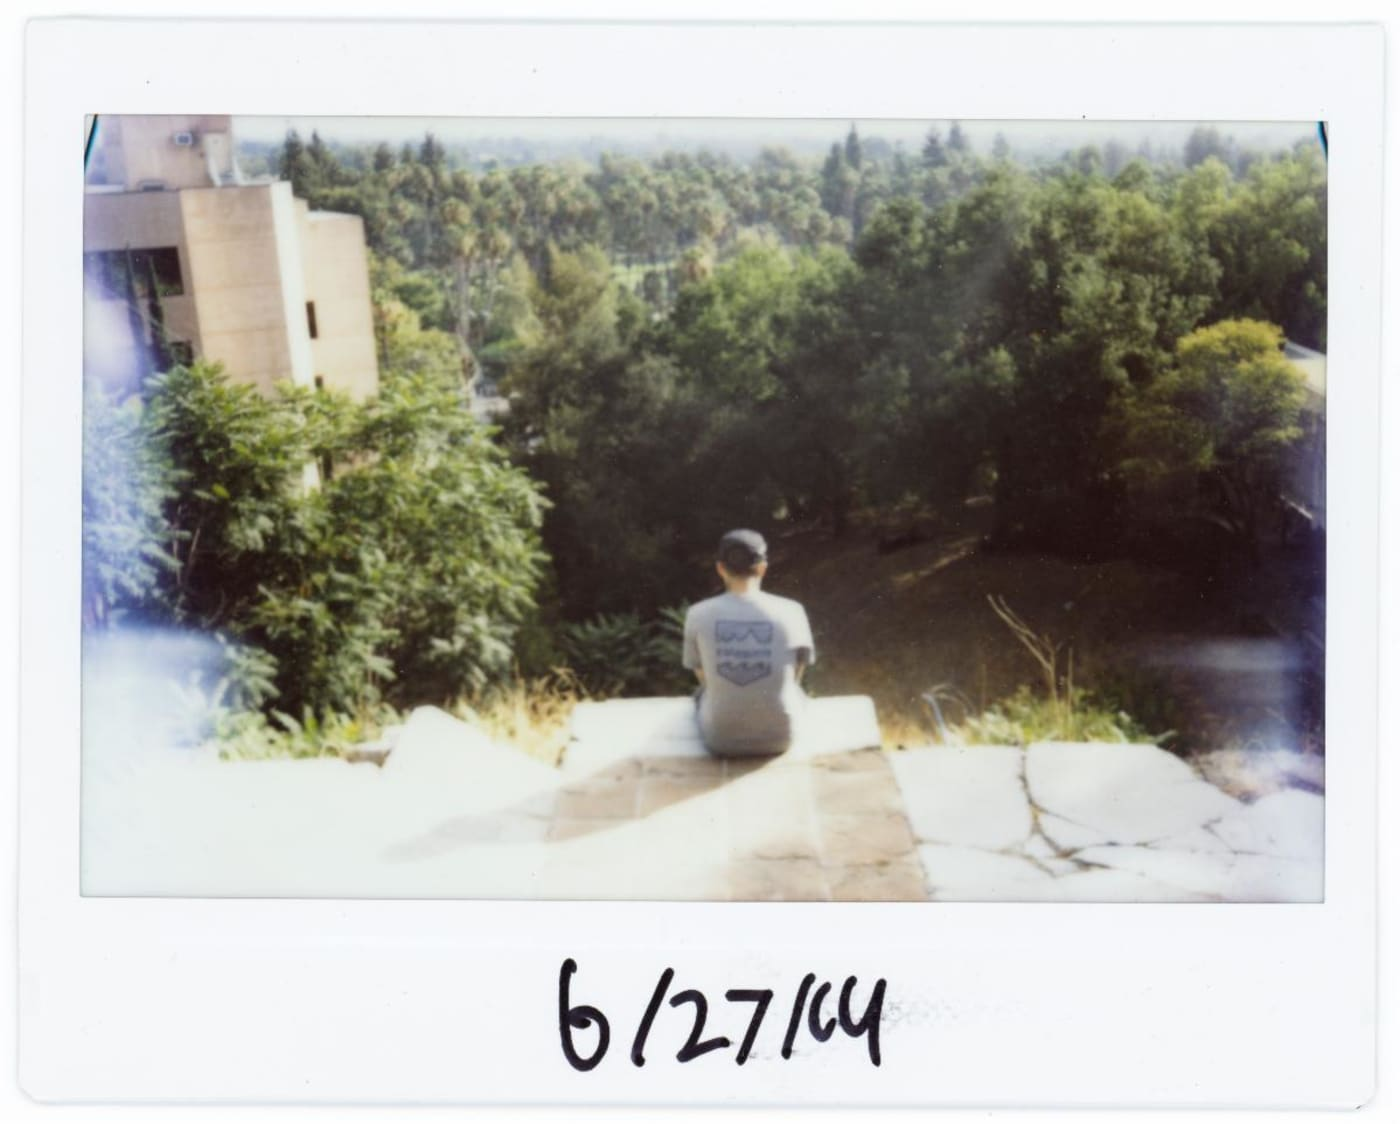 Mac Miller by Jimmy Murton